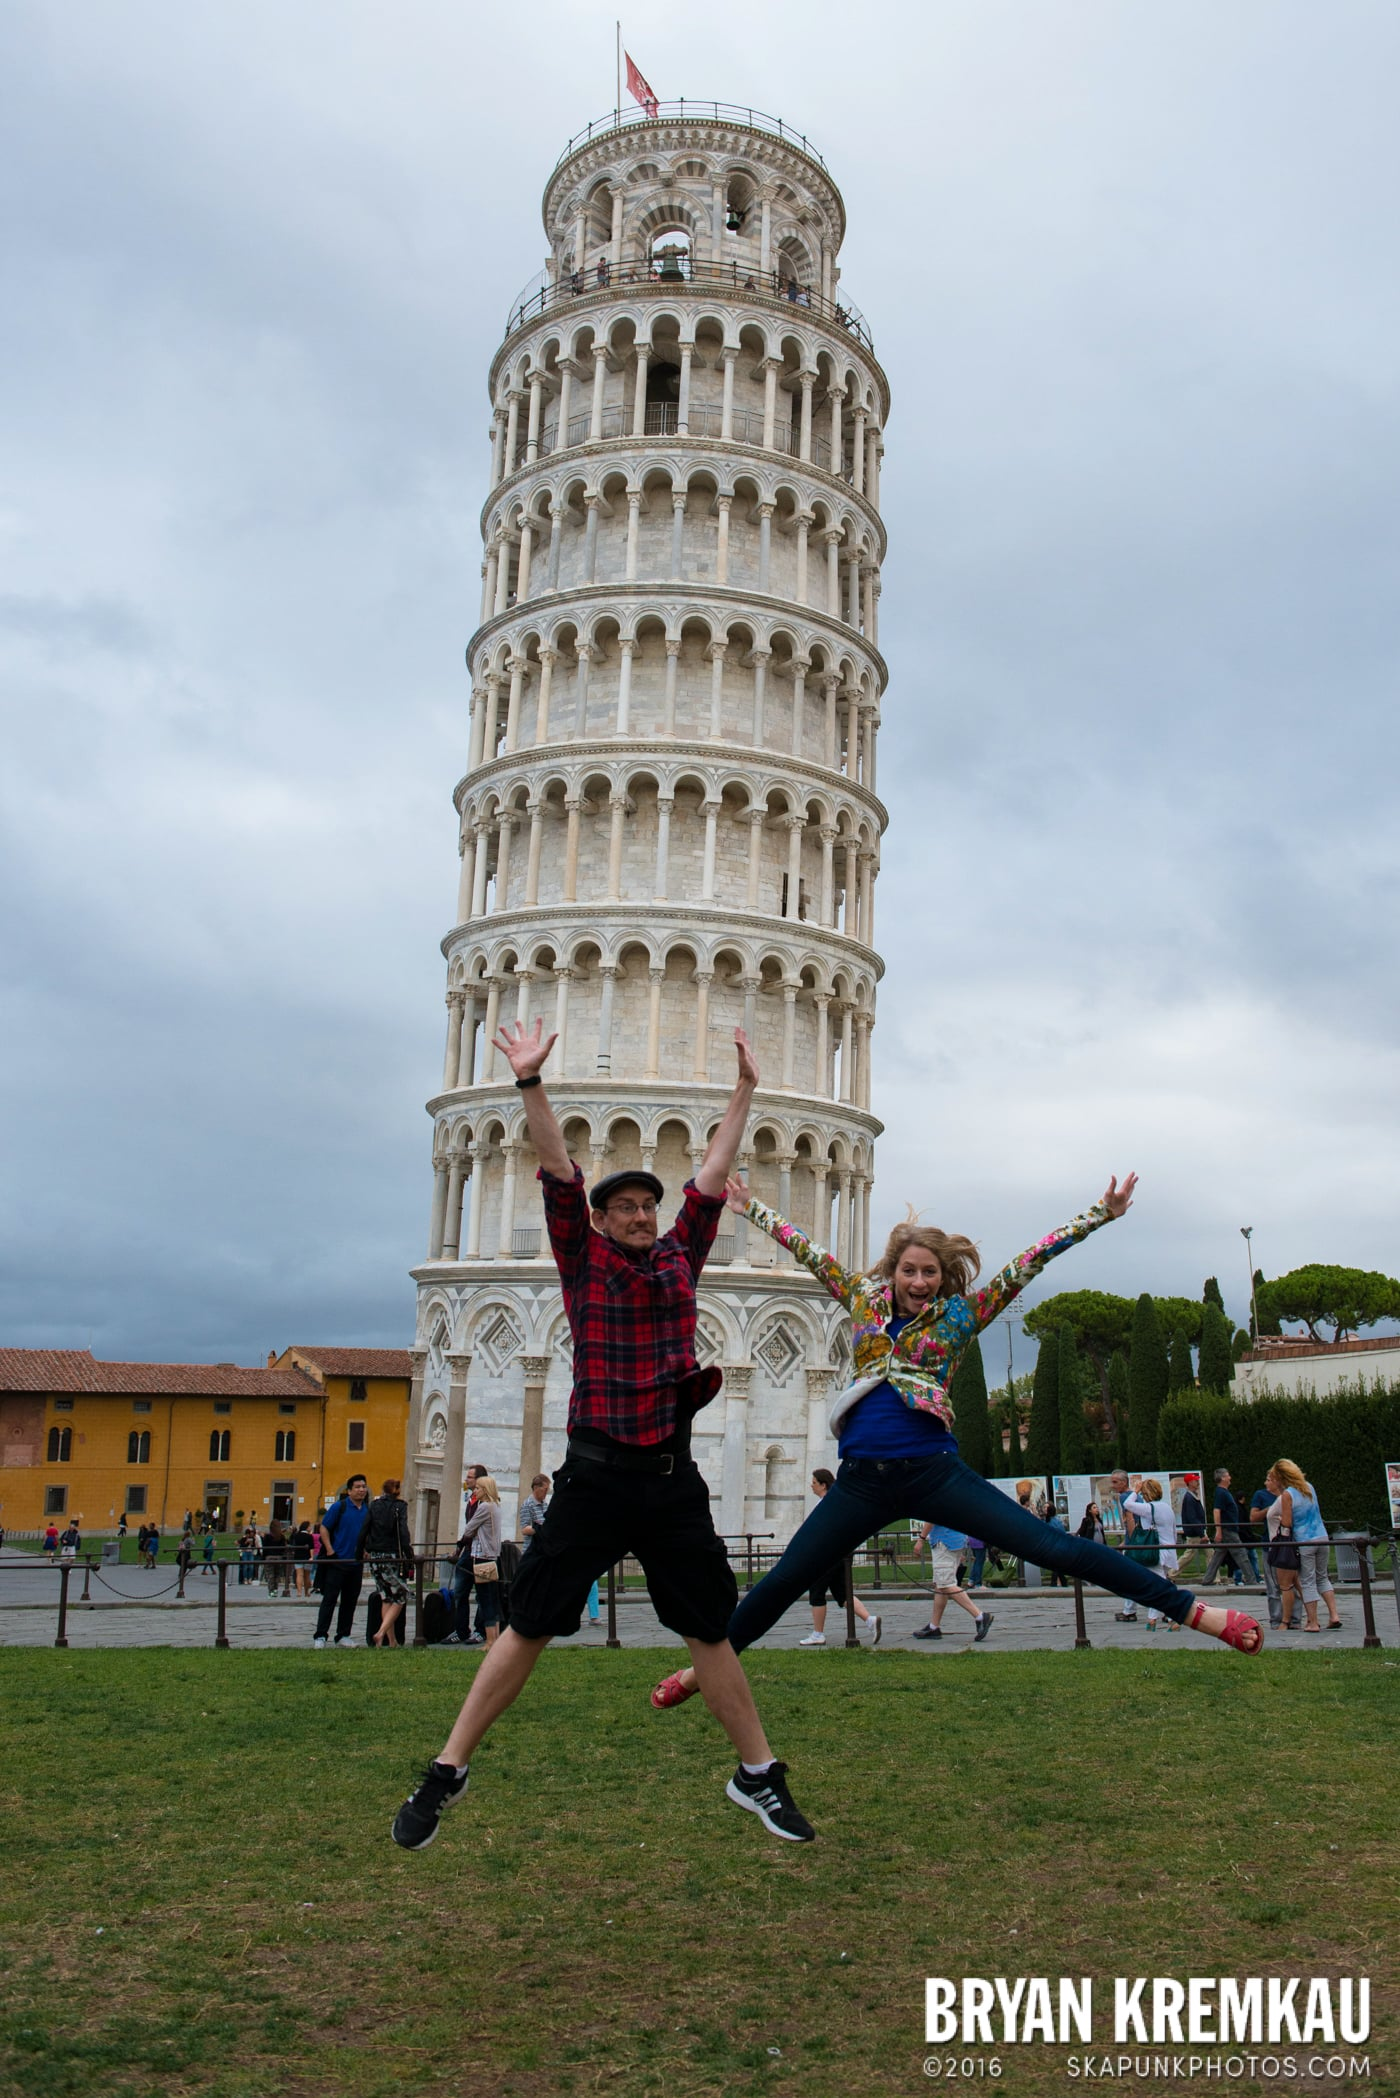 Italy Vacation - Day 8: Siena, San Gimignano, Chianti, Pisa - 9.16.13 (16)